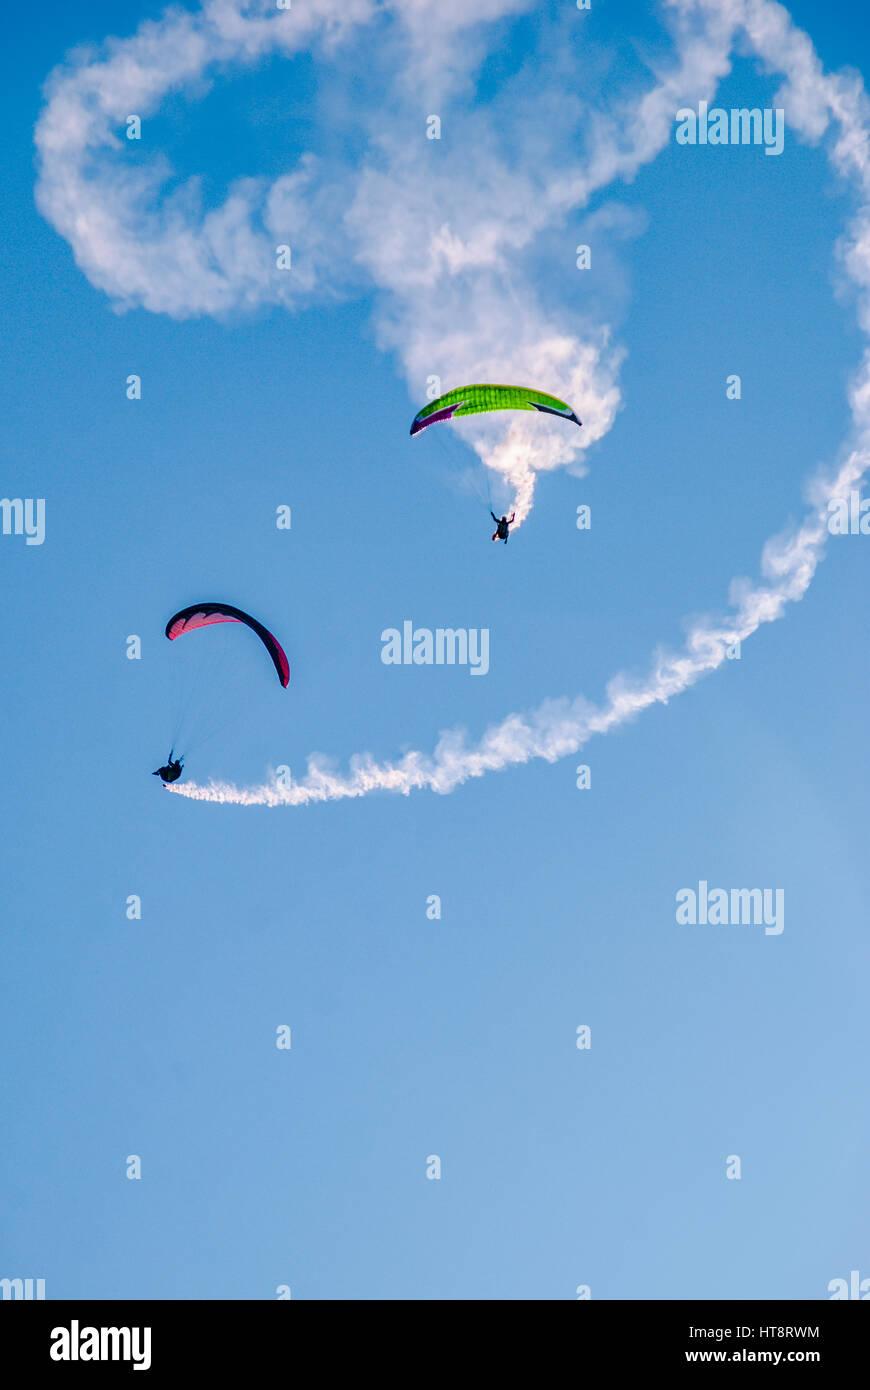 Parasut Stock Photos & Parasut Stock Images - Alamy